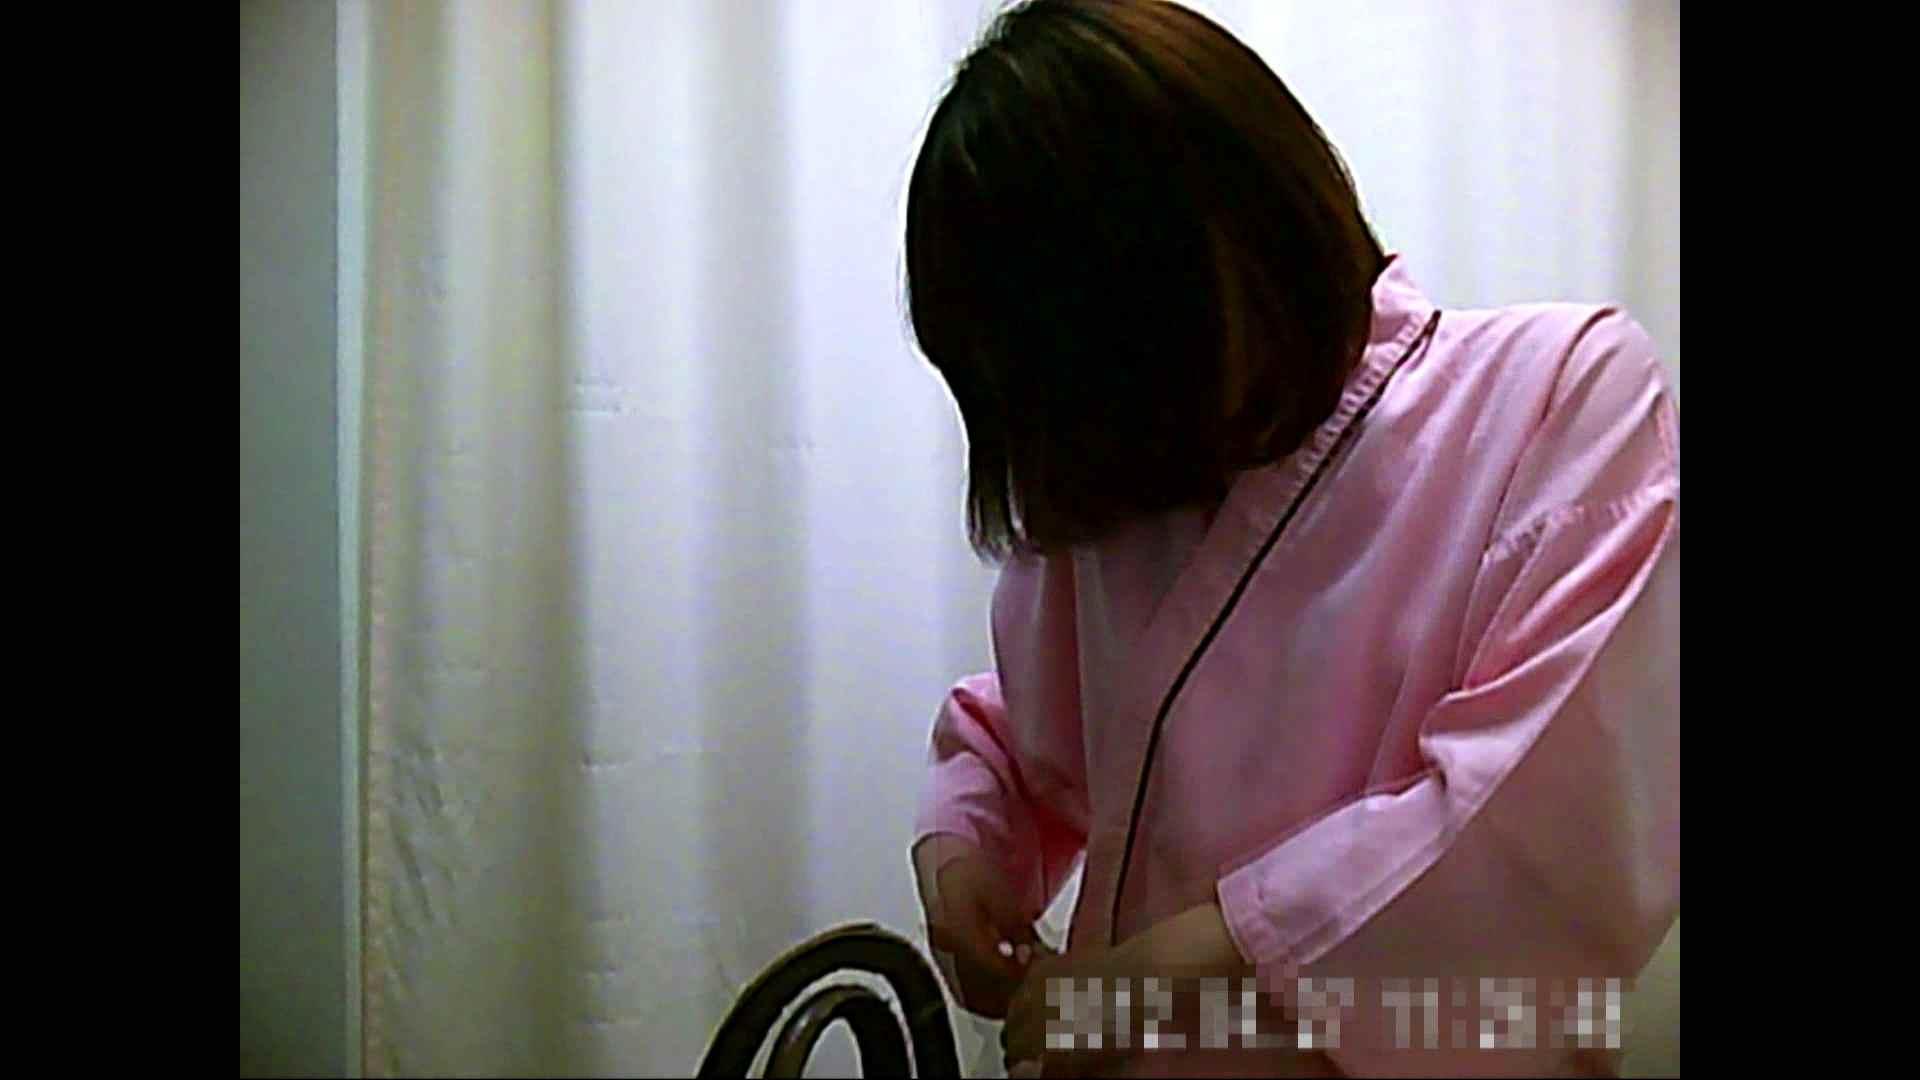 元医者による反抗 更衣室地獄絵巻 vol.004 OL  94pic 3